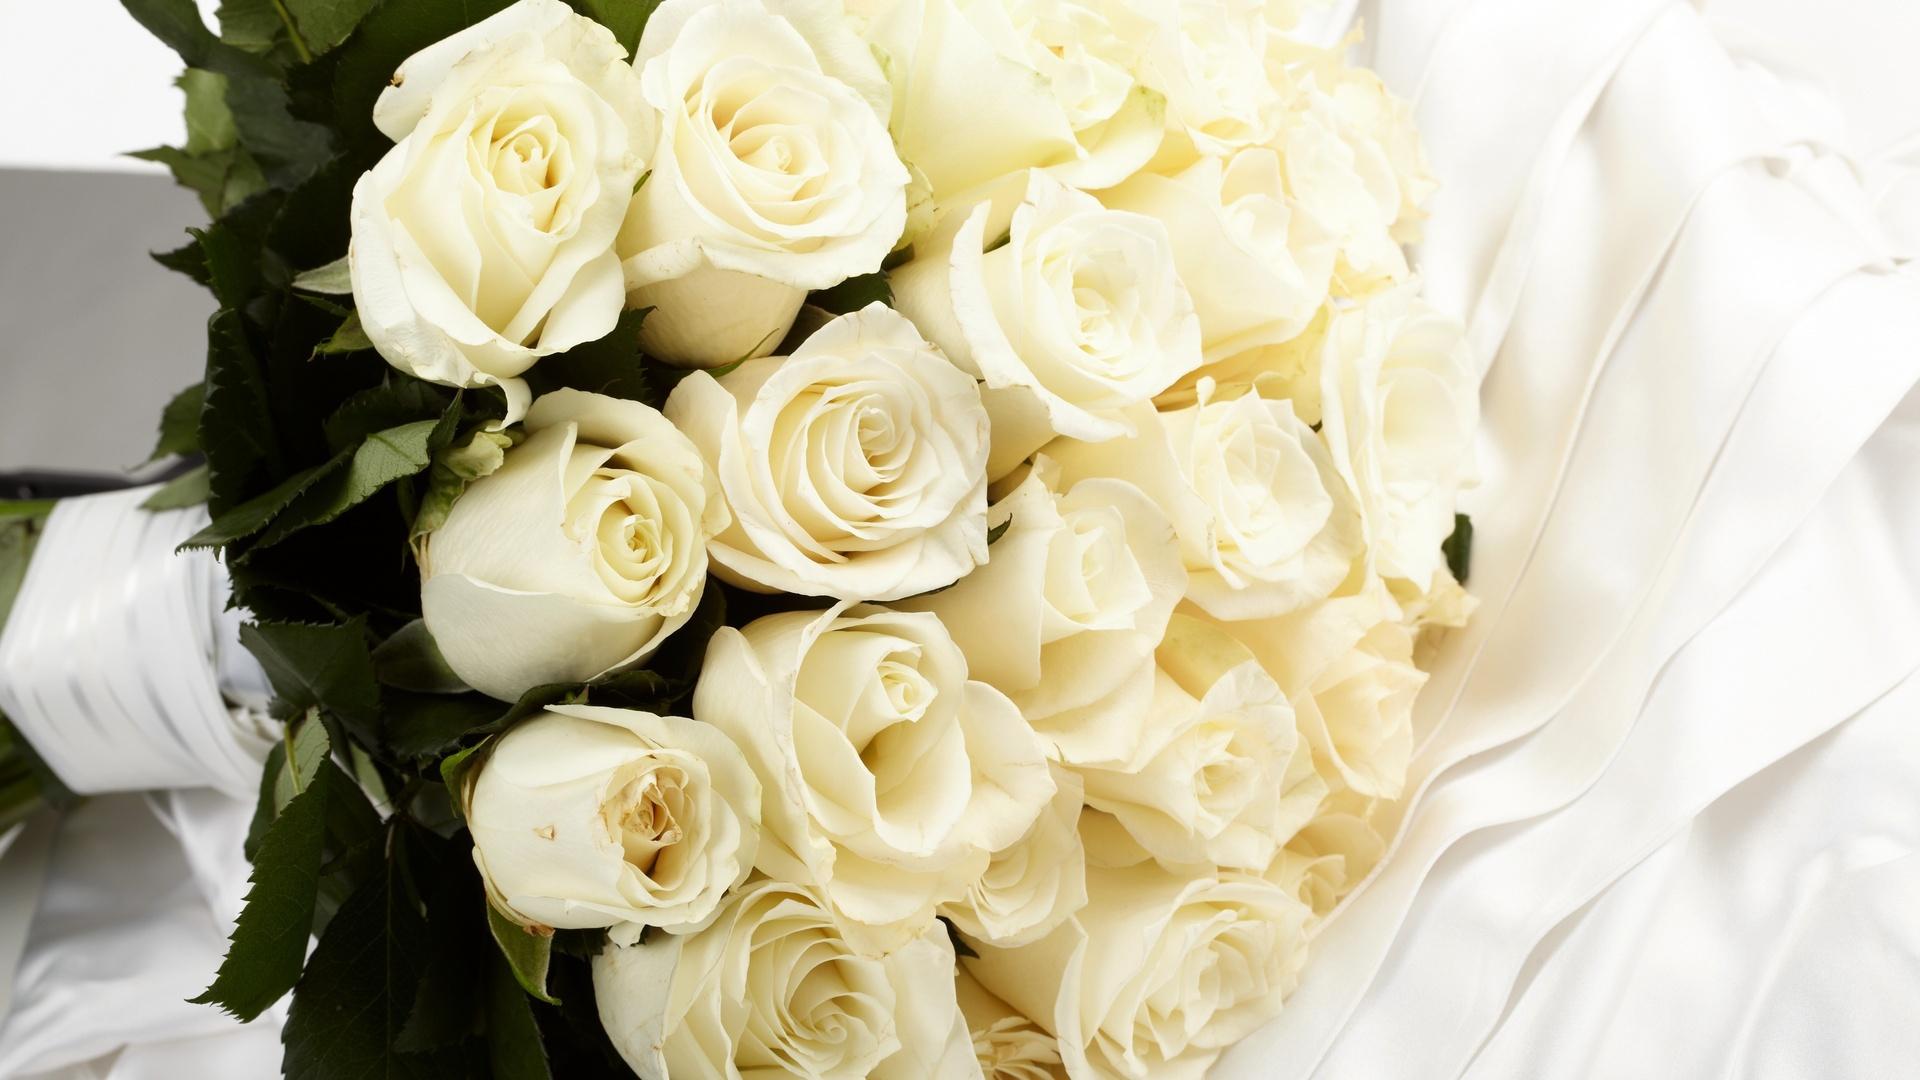 букет из роз красивые фото для поздравлений создания градусной сети